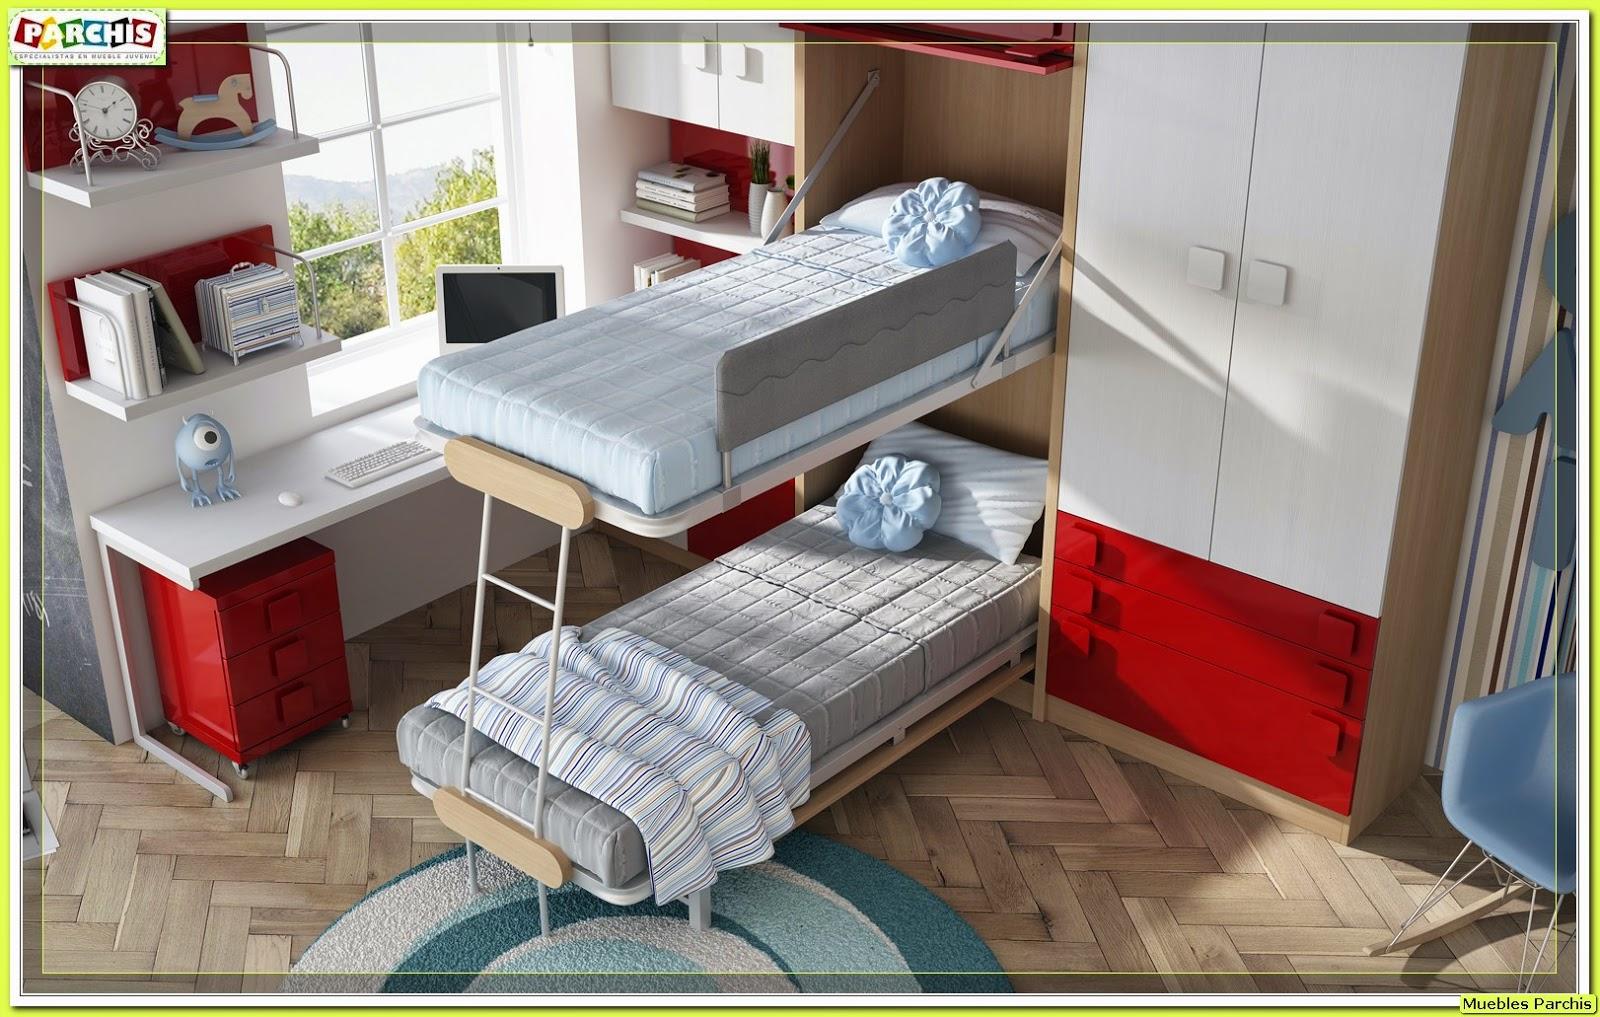 tres razones de importancia para comprar camas abatibles y camas